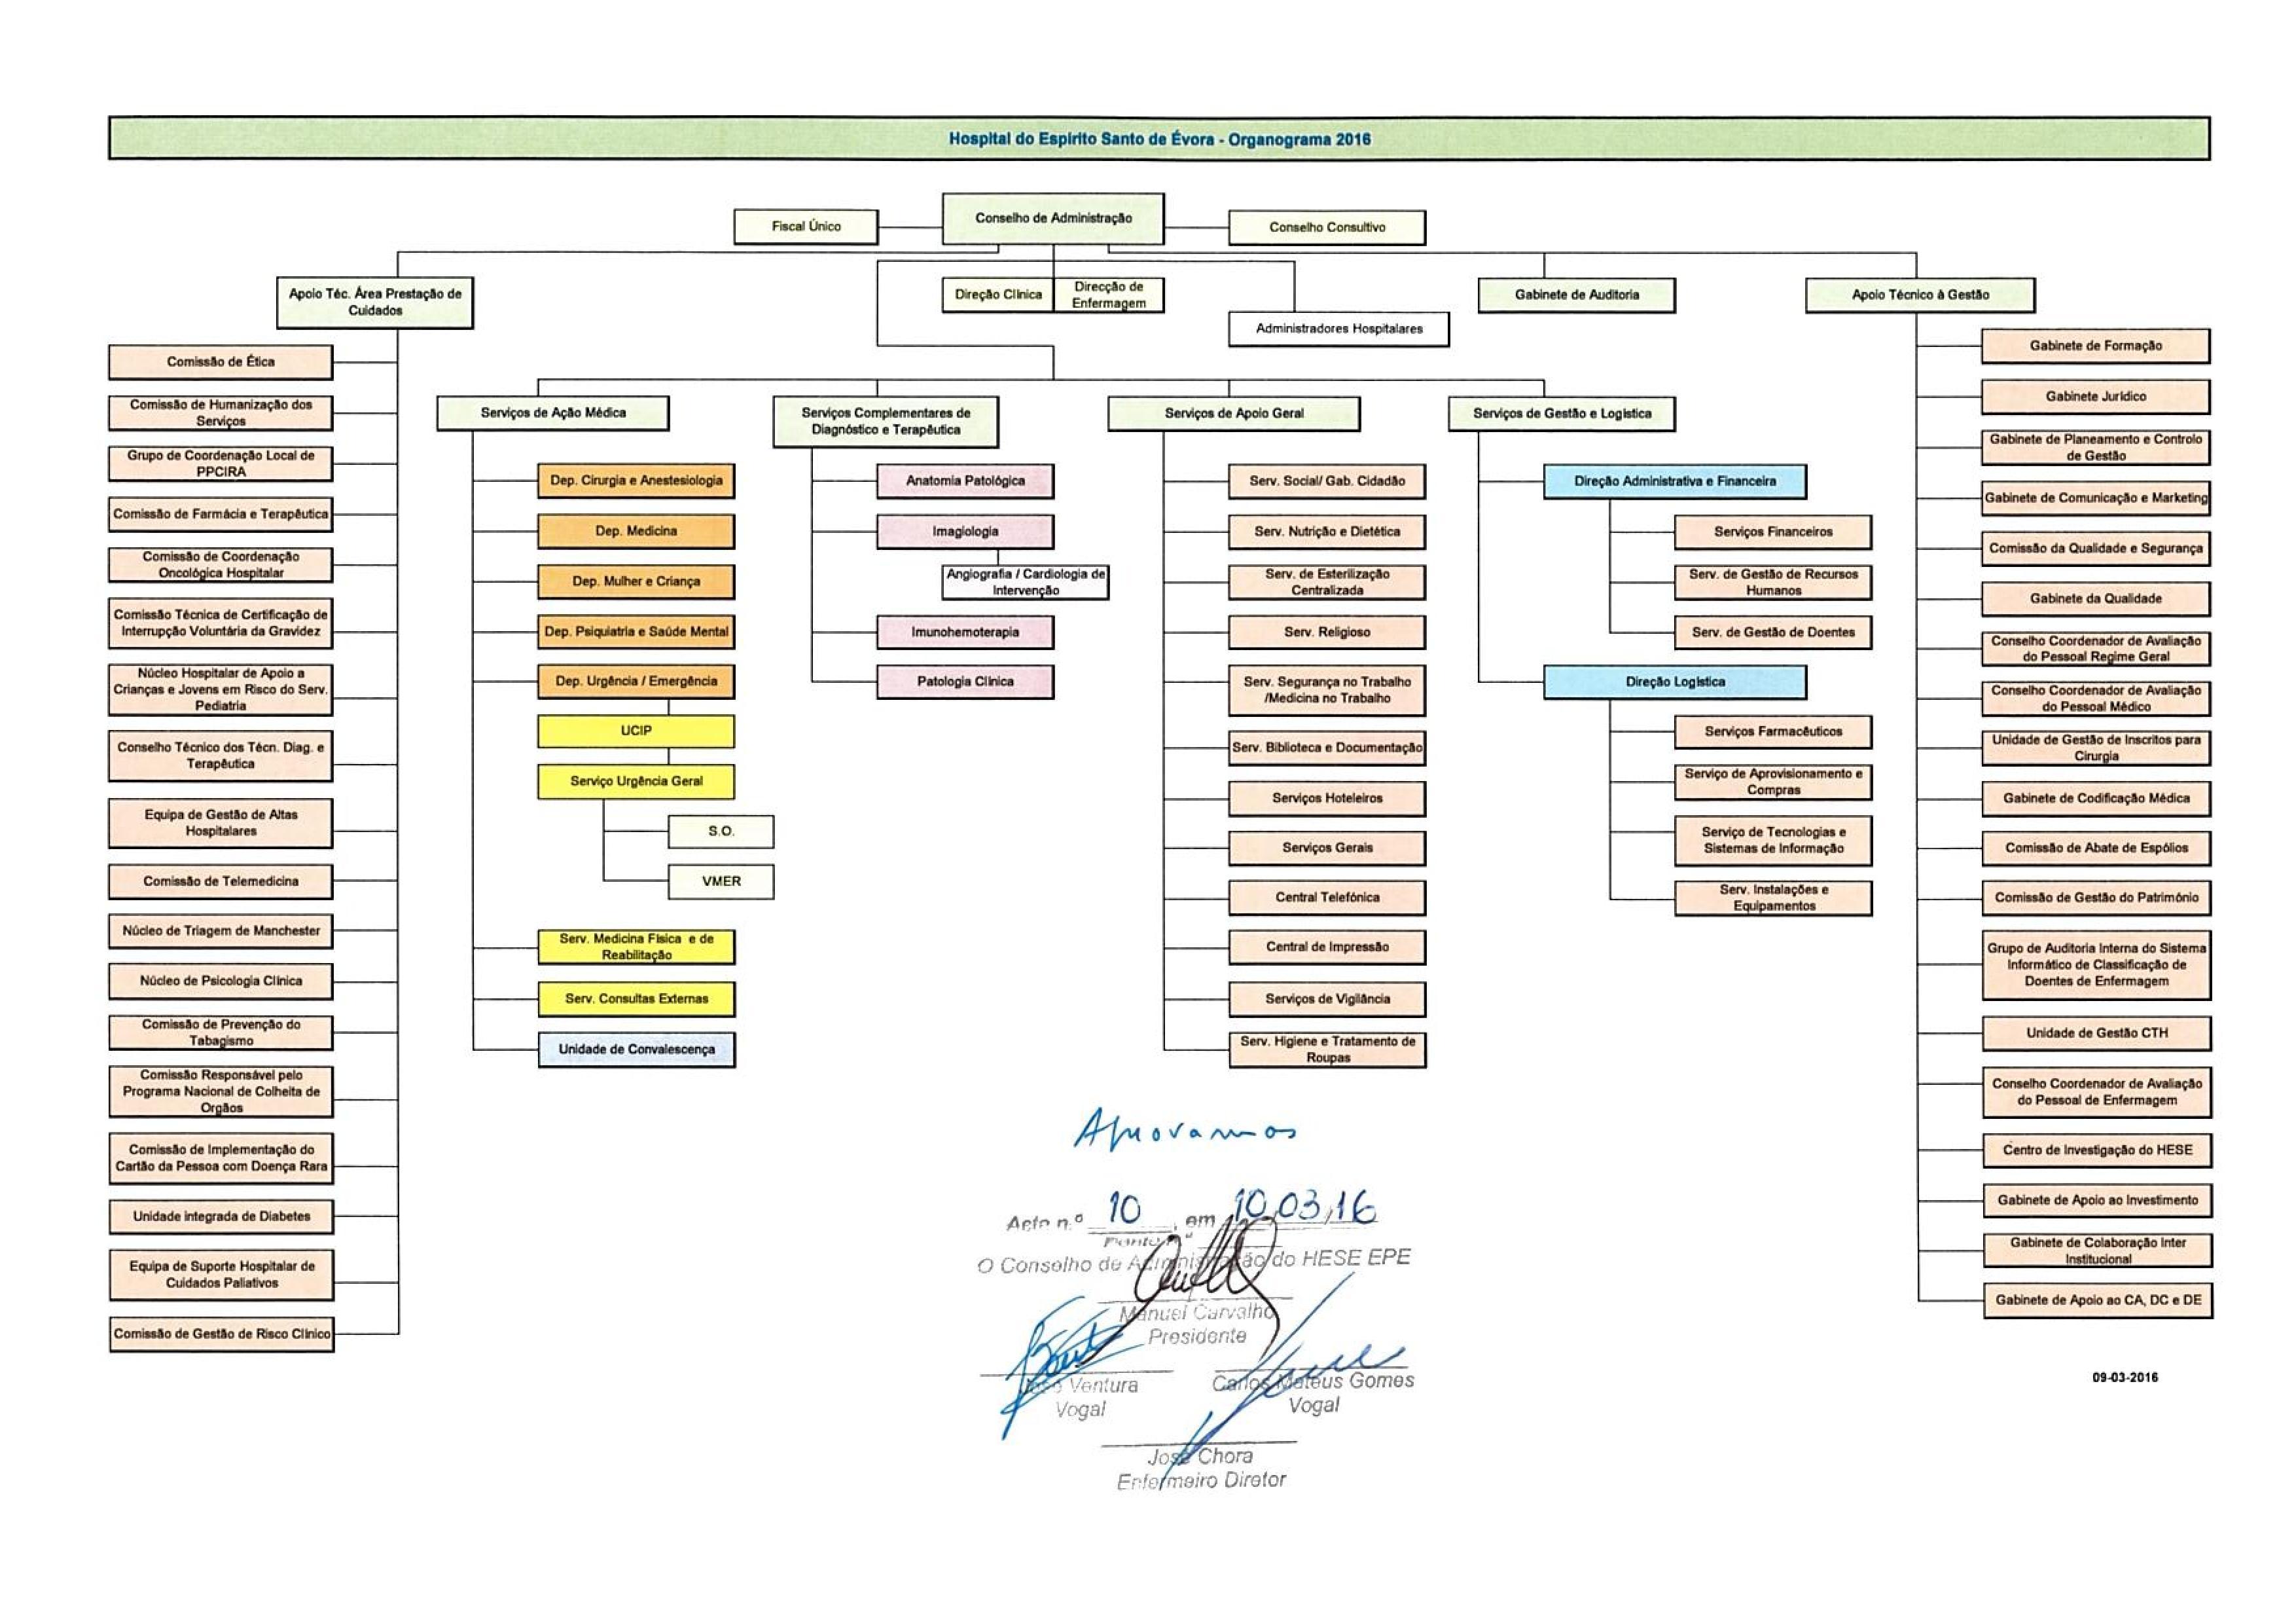 Deliberacao CA_10 - Organograma Funcional 2016 aprovado 10_03_2016_1_1-page-001